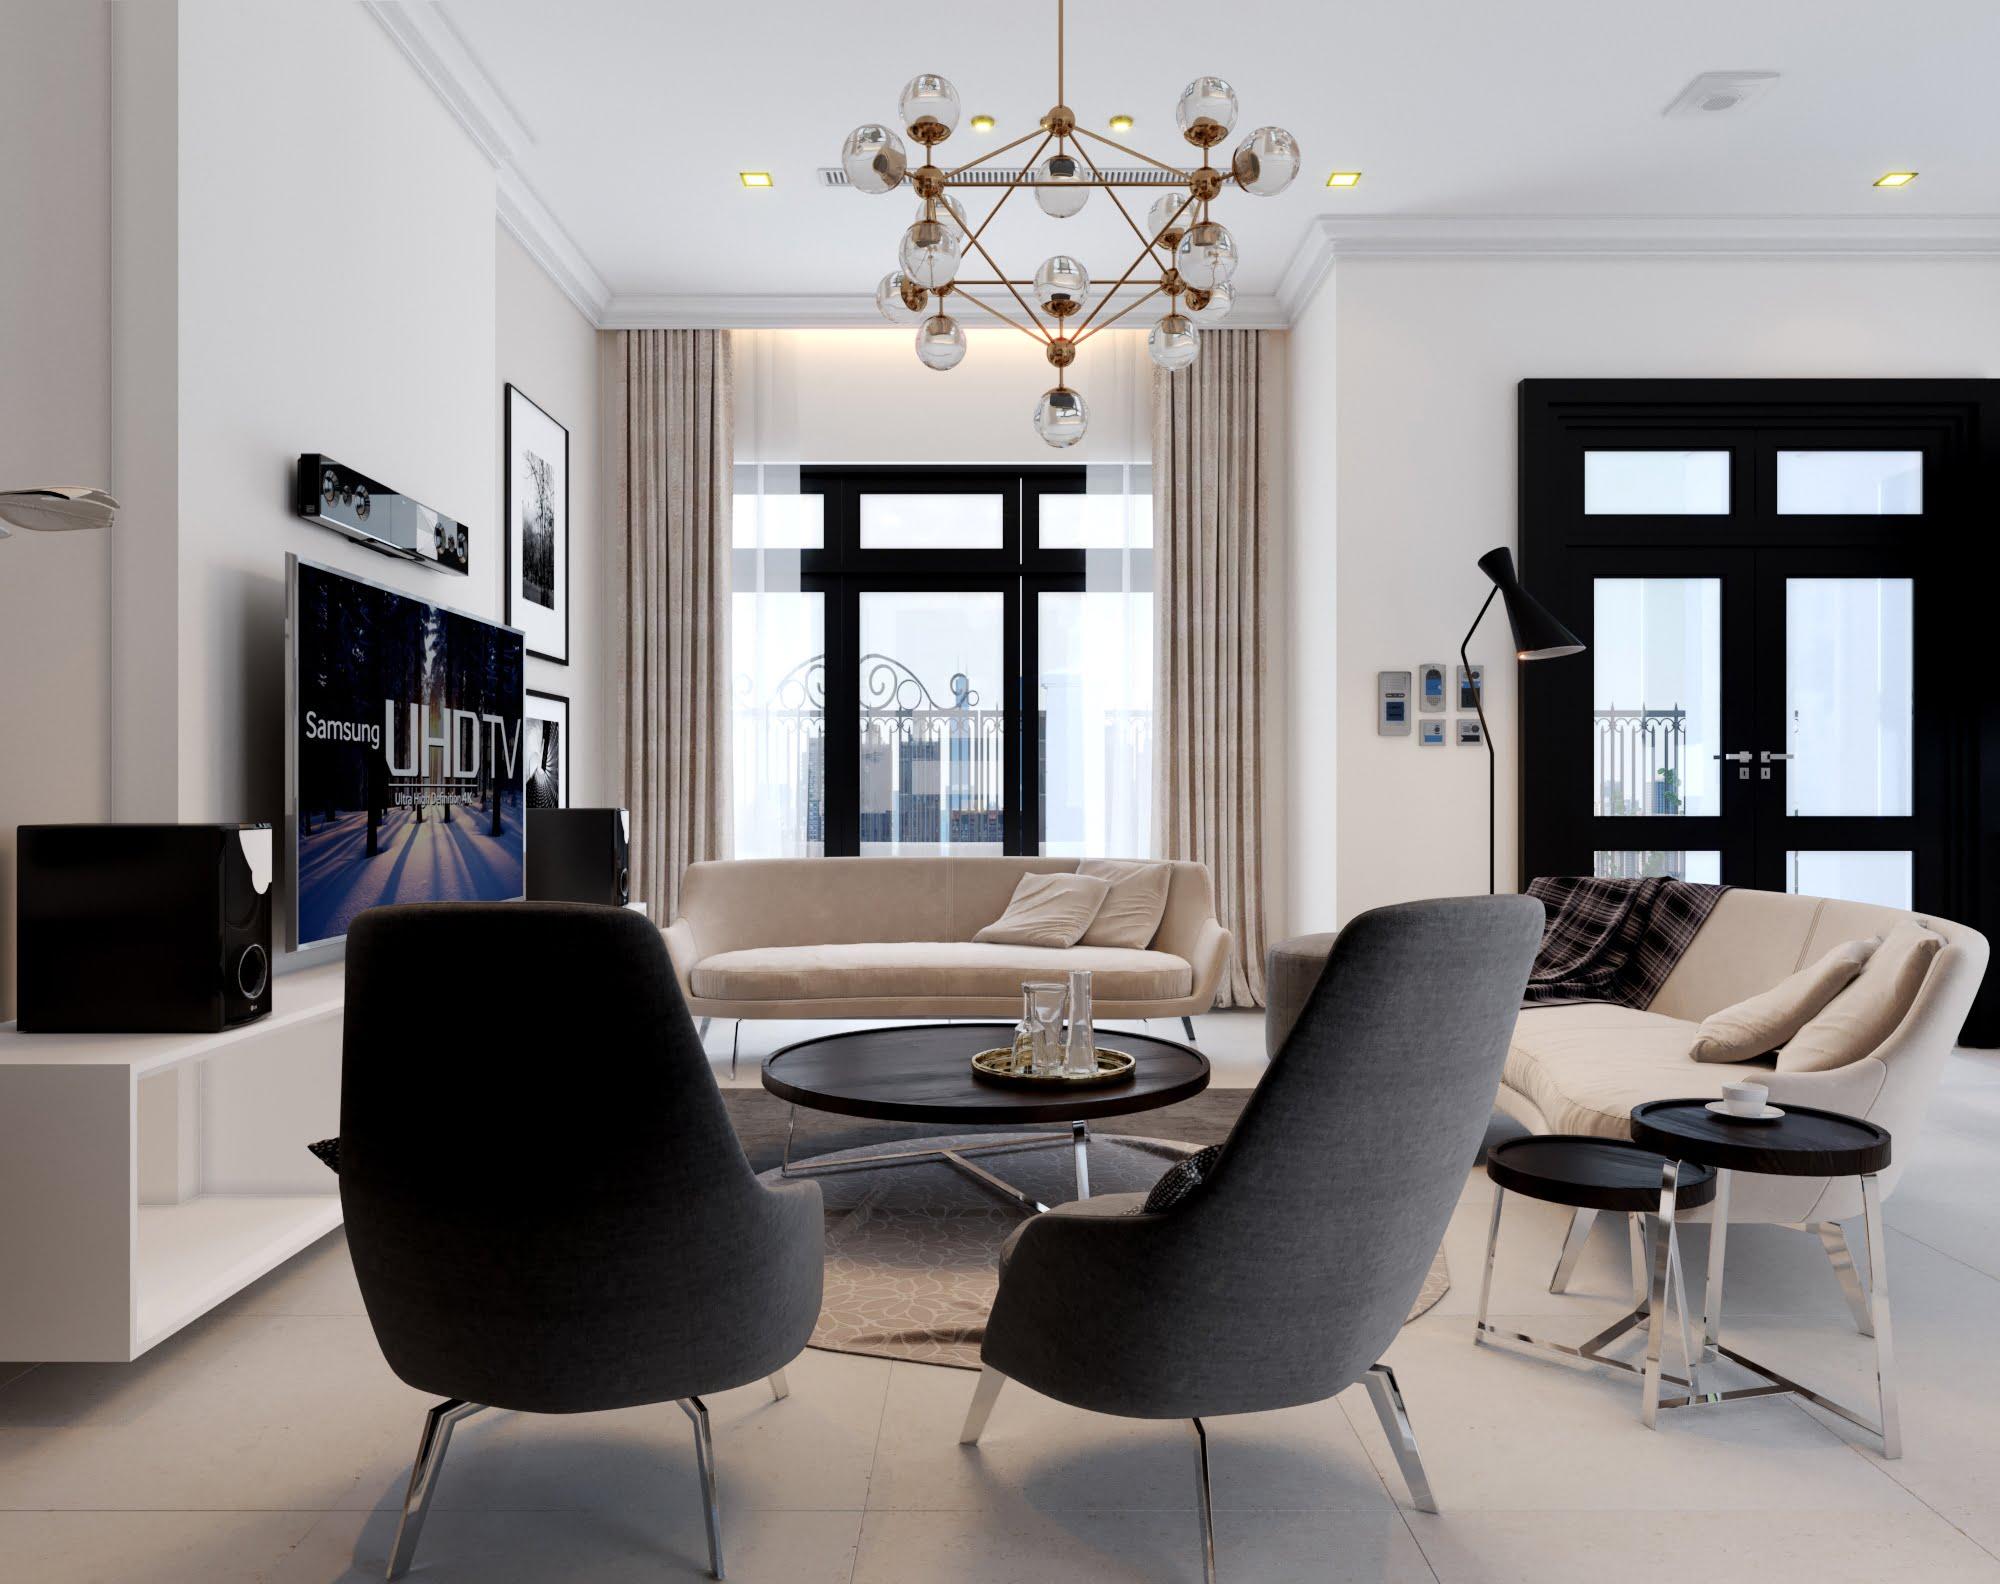 mẫu biệt thự mni 2 tầng hiện đại đẹp 5